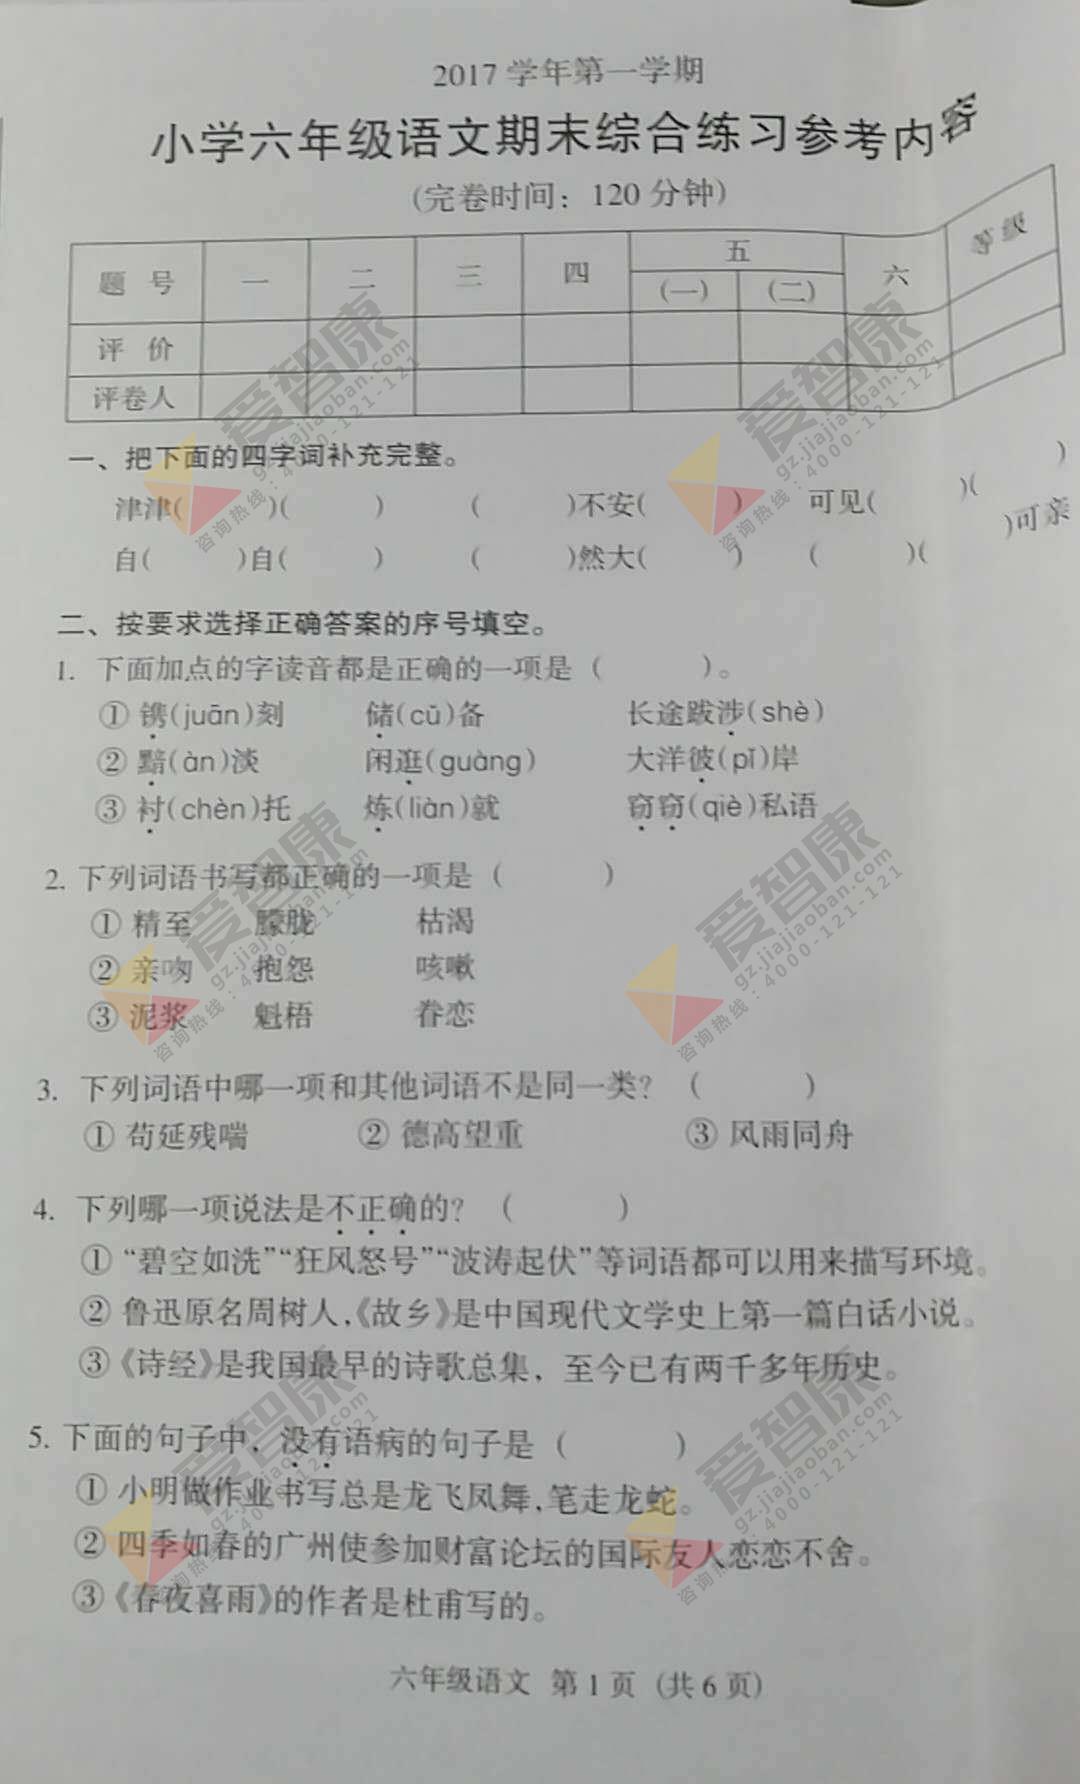 2017-2018学年广州海珠区六年级上学期期末语文试卷及答案解析